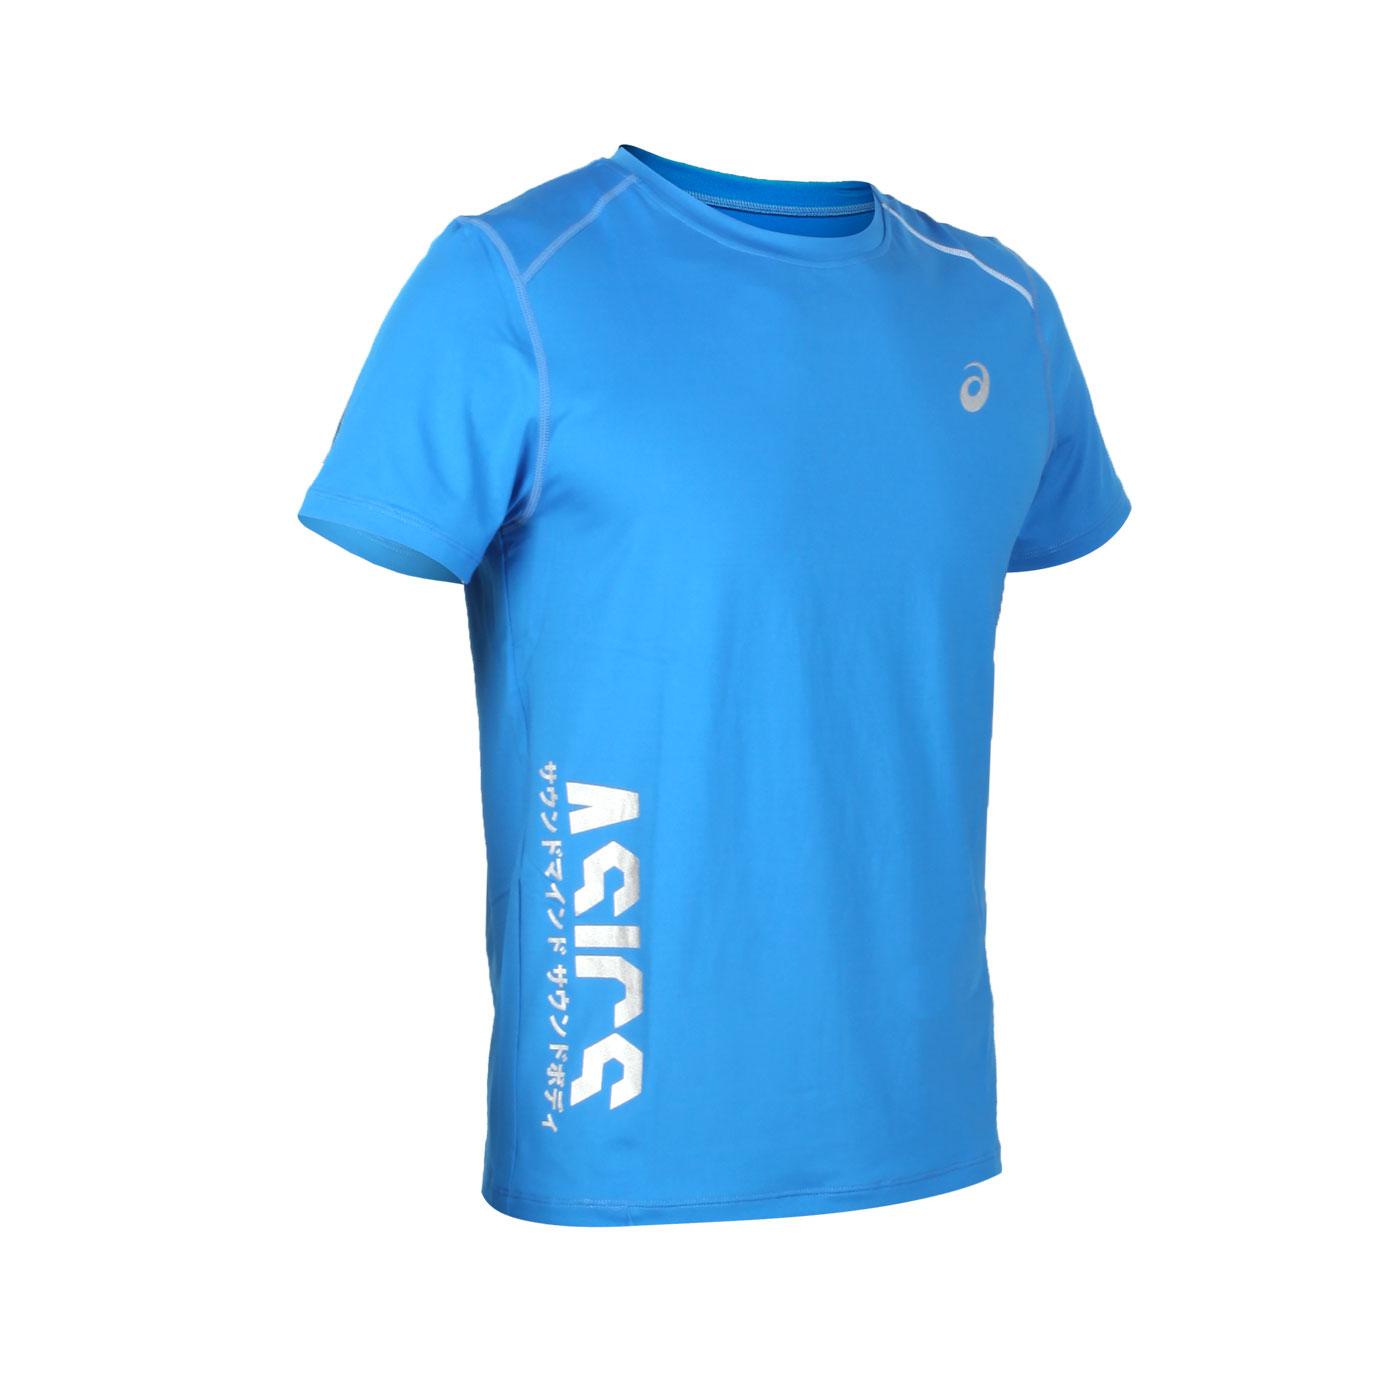 ASICS 男款短袖T恤 K32002-43 - 寶藍銀